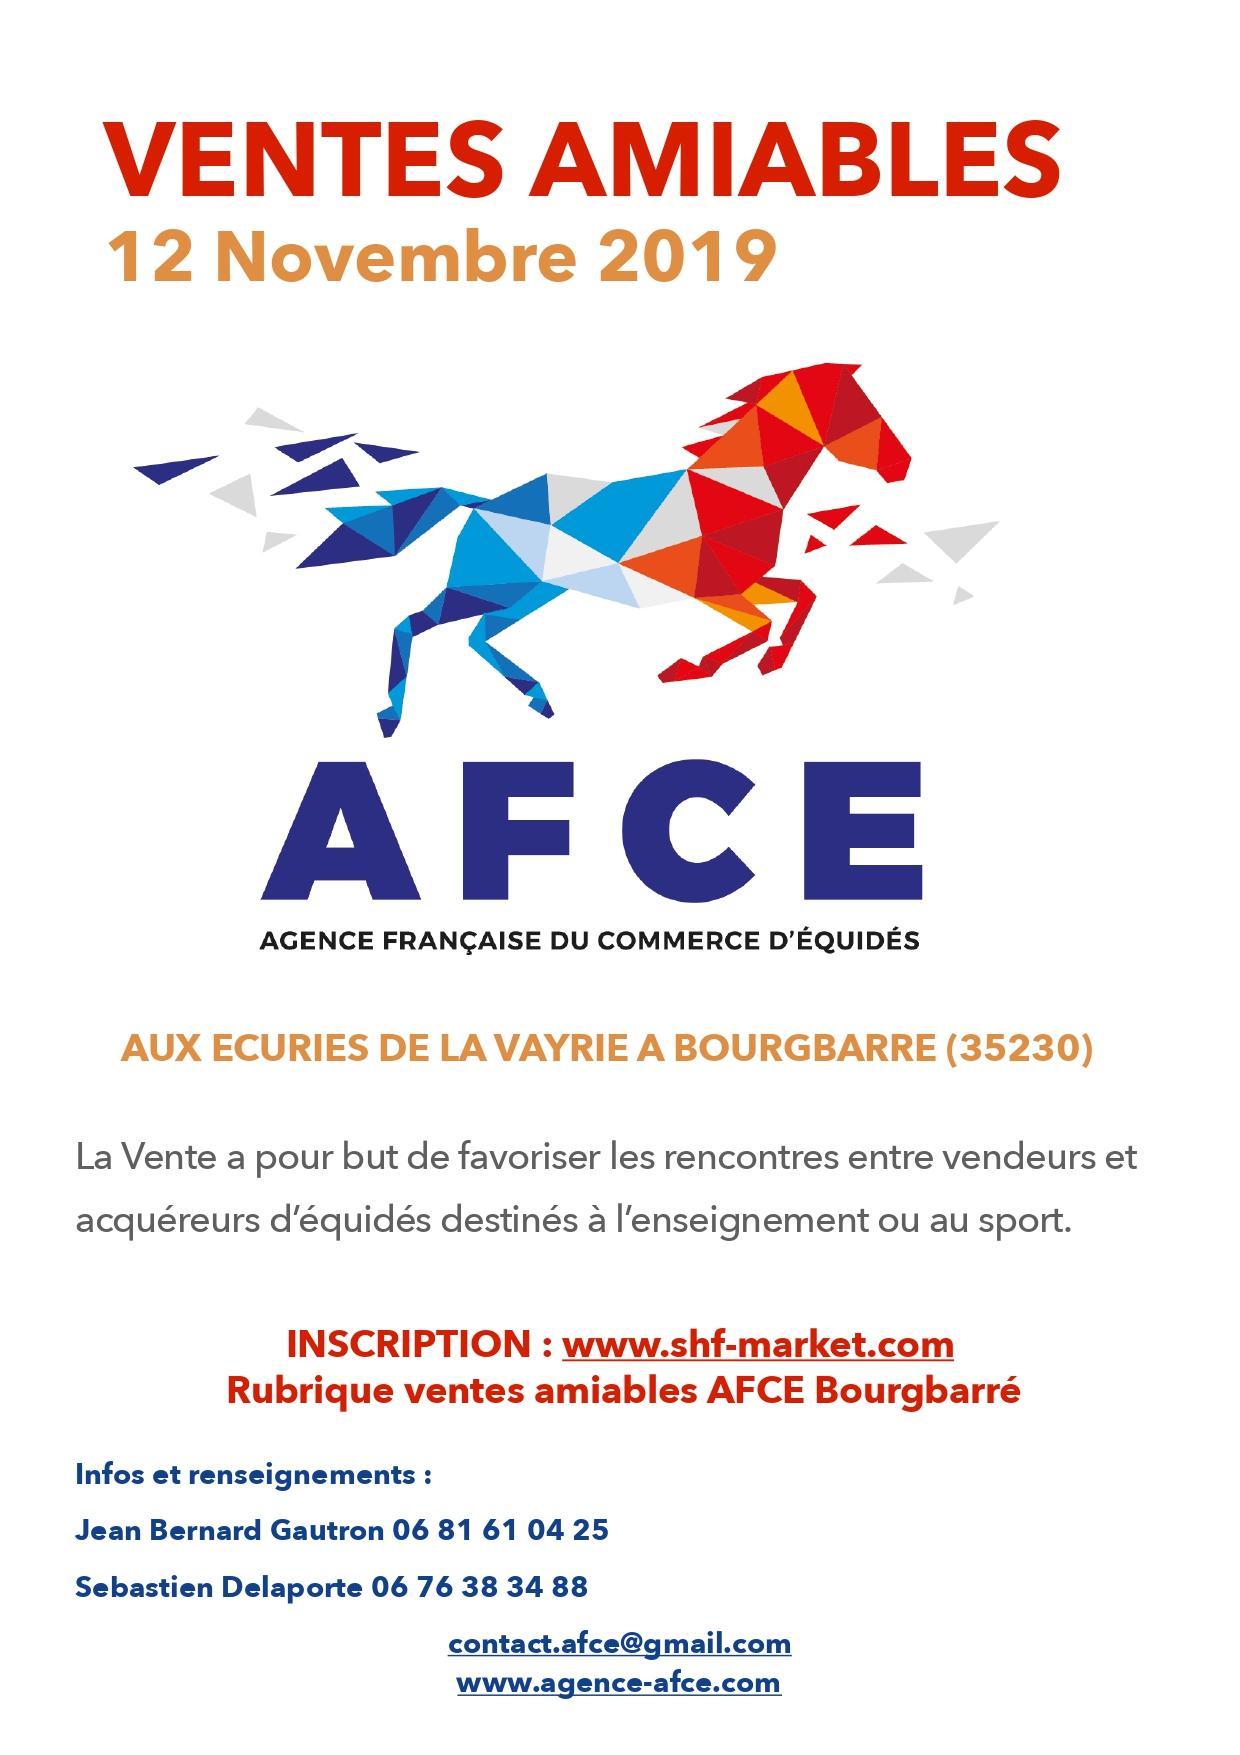 Ventes Amiables d'Equidés à Rennes Bourgbarré le 12 Novembre 2019